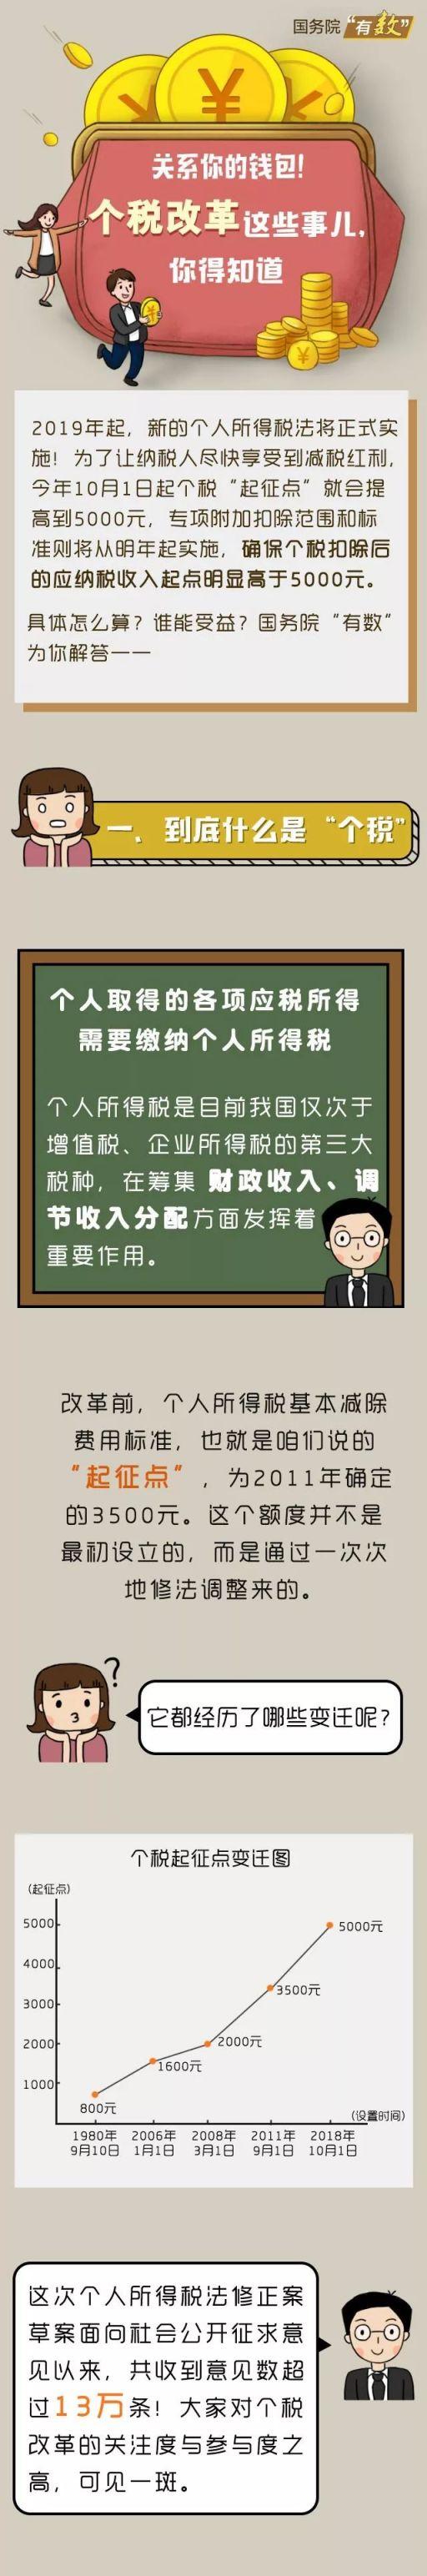 10月起个税起征点调整 看工资单将发生啥变化